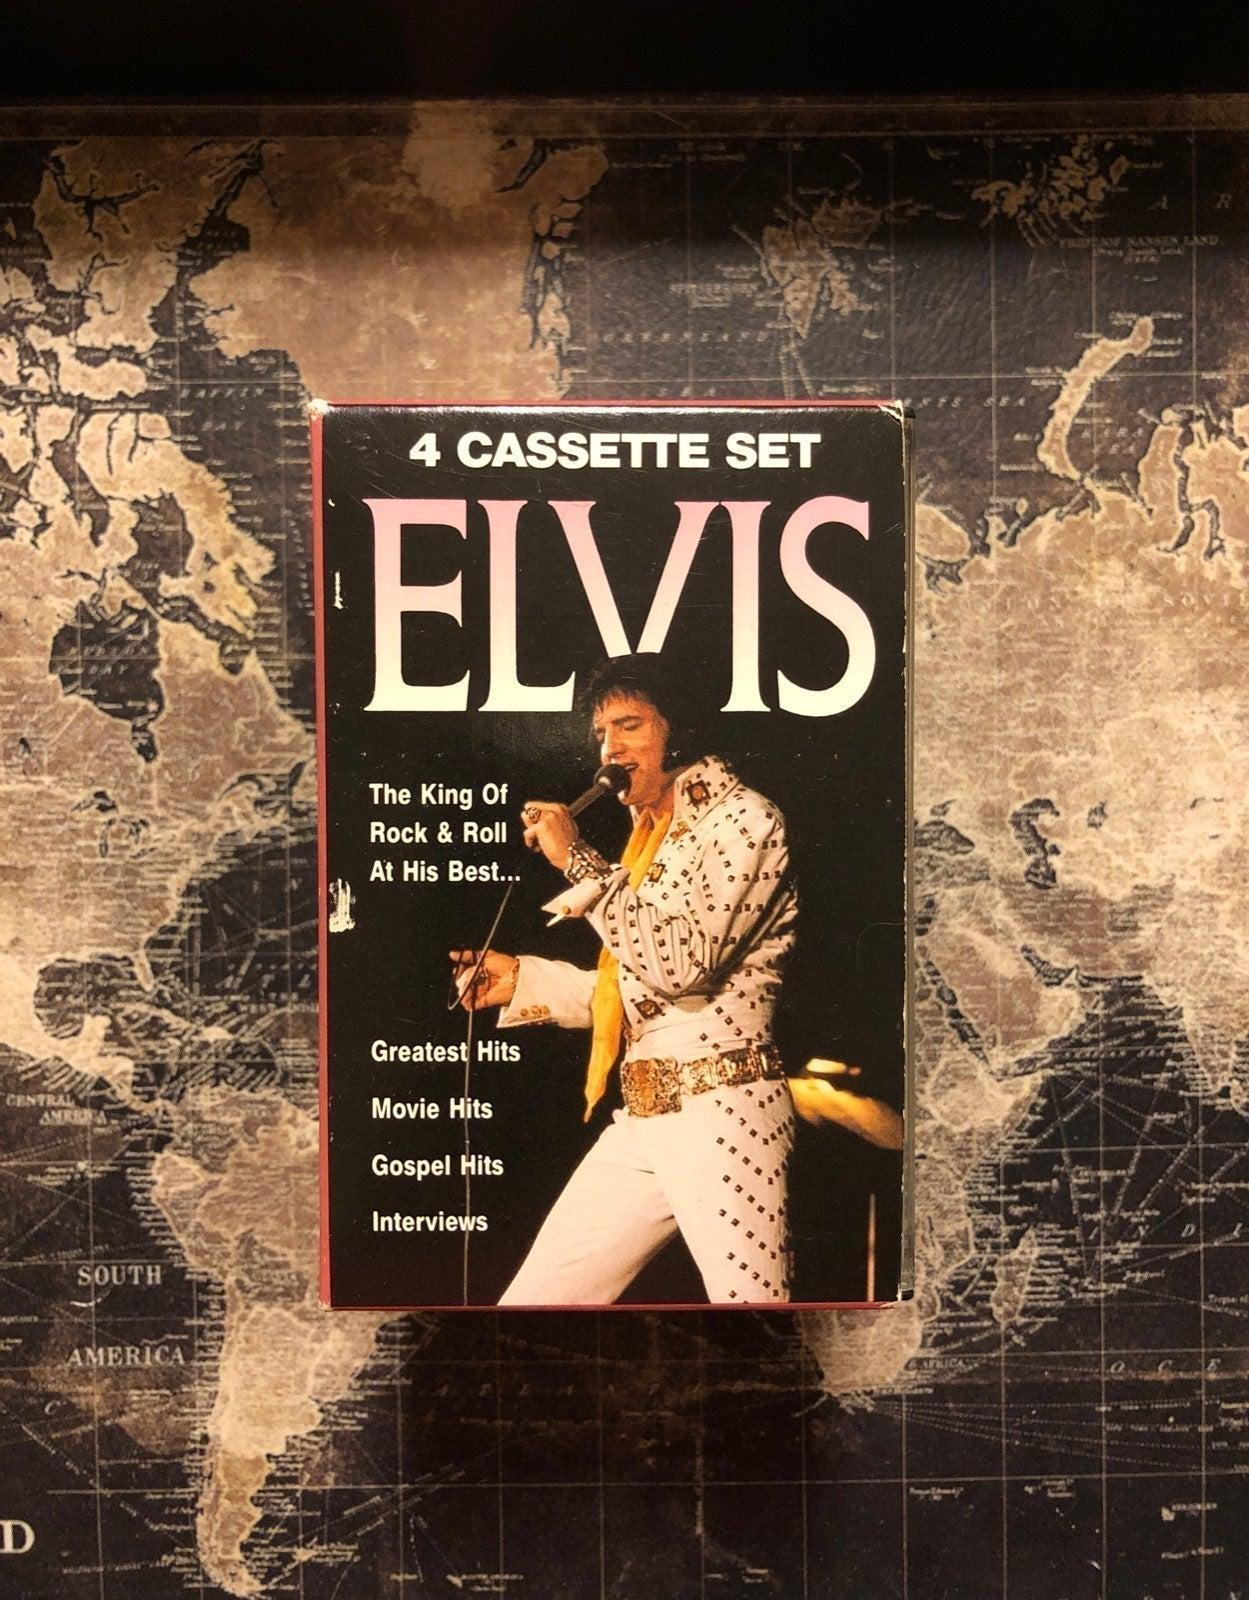 Elvis cassette Collectors Edition Bundle